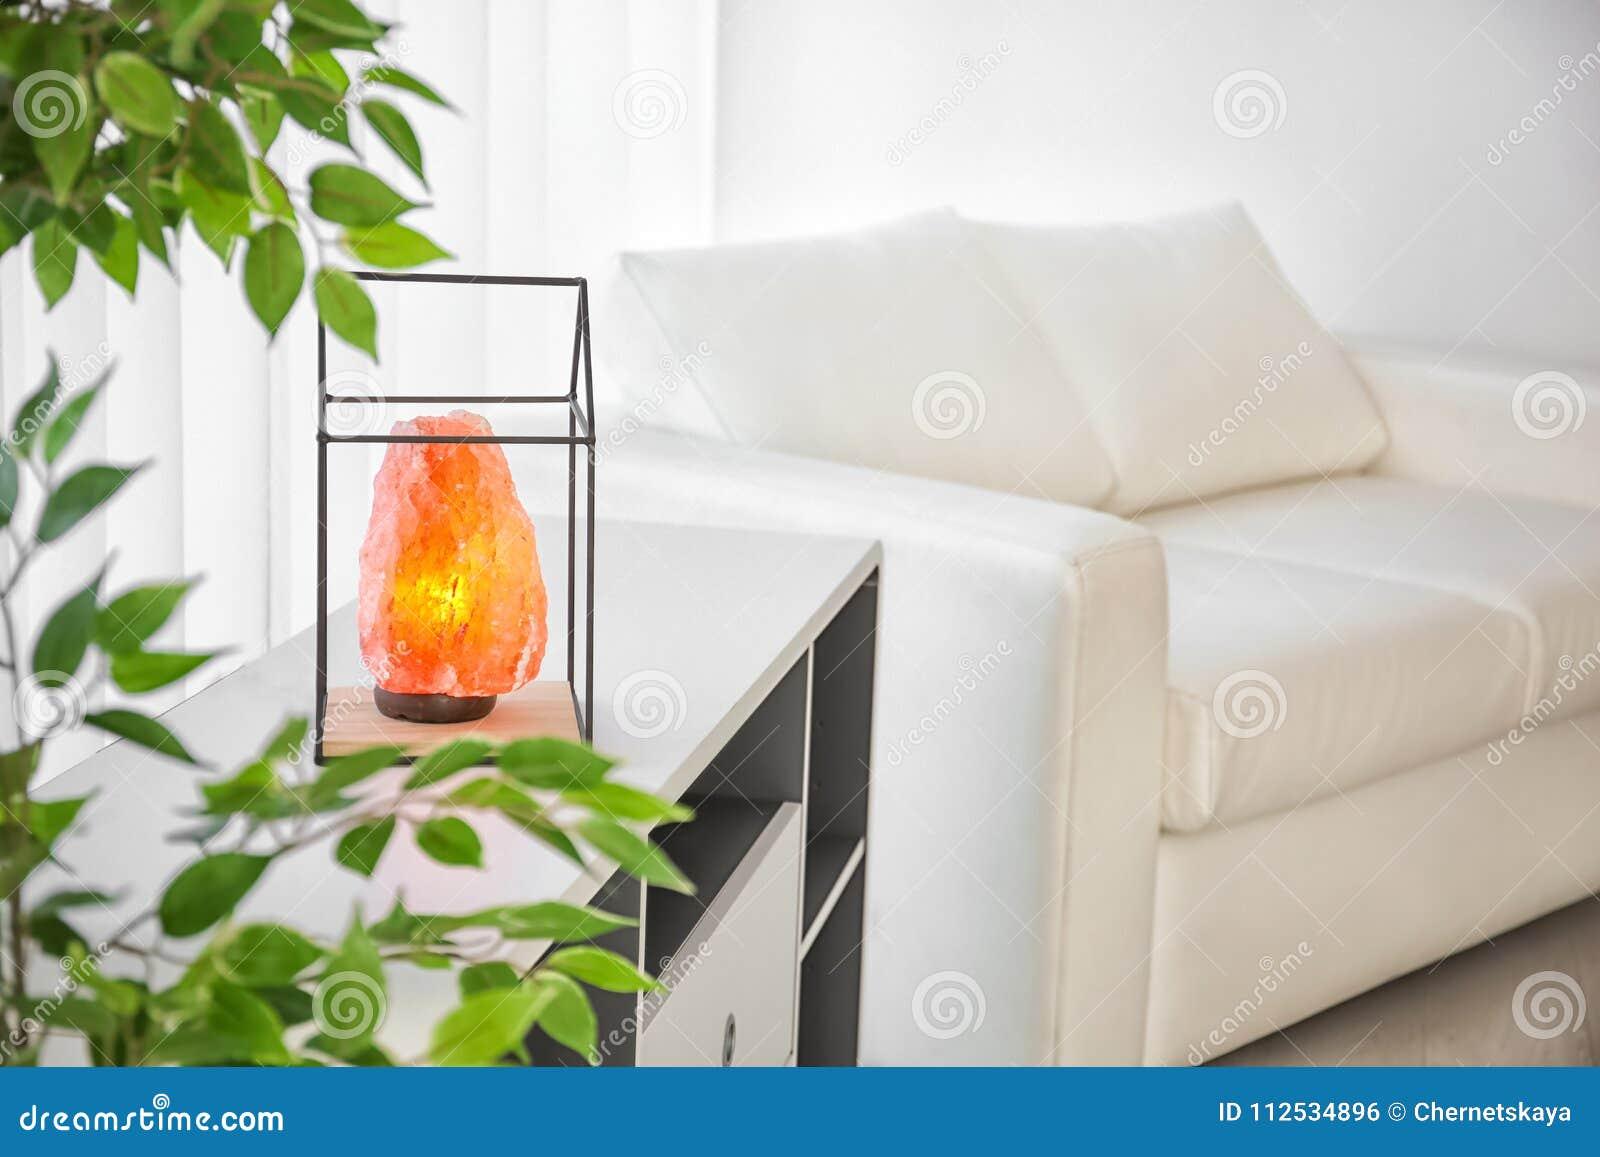 Himalayan salt lamp on shelving unit